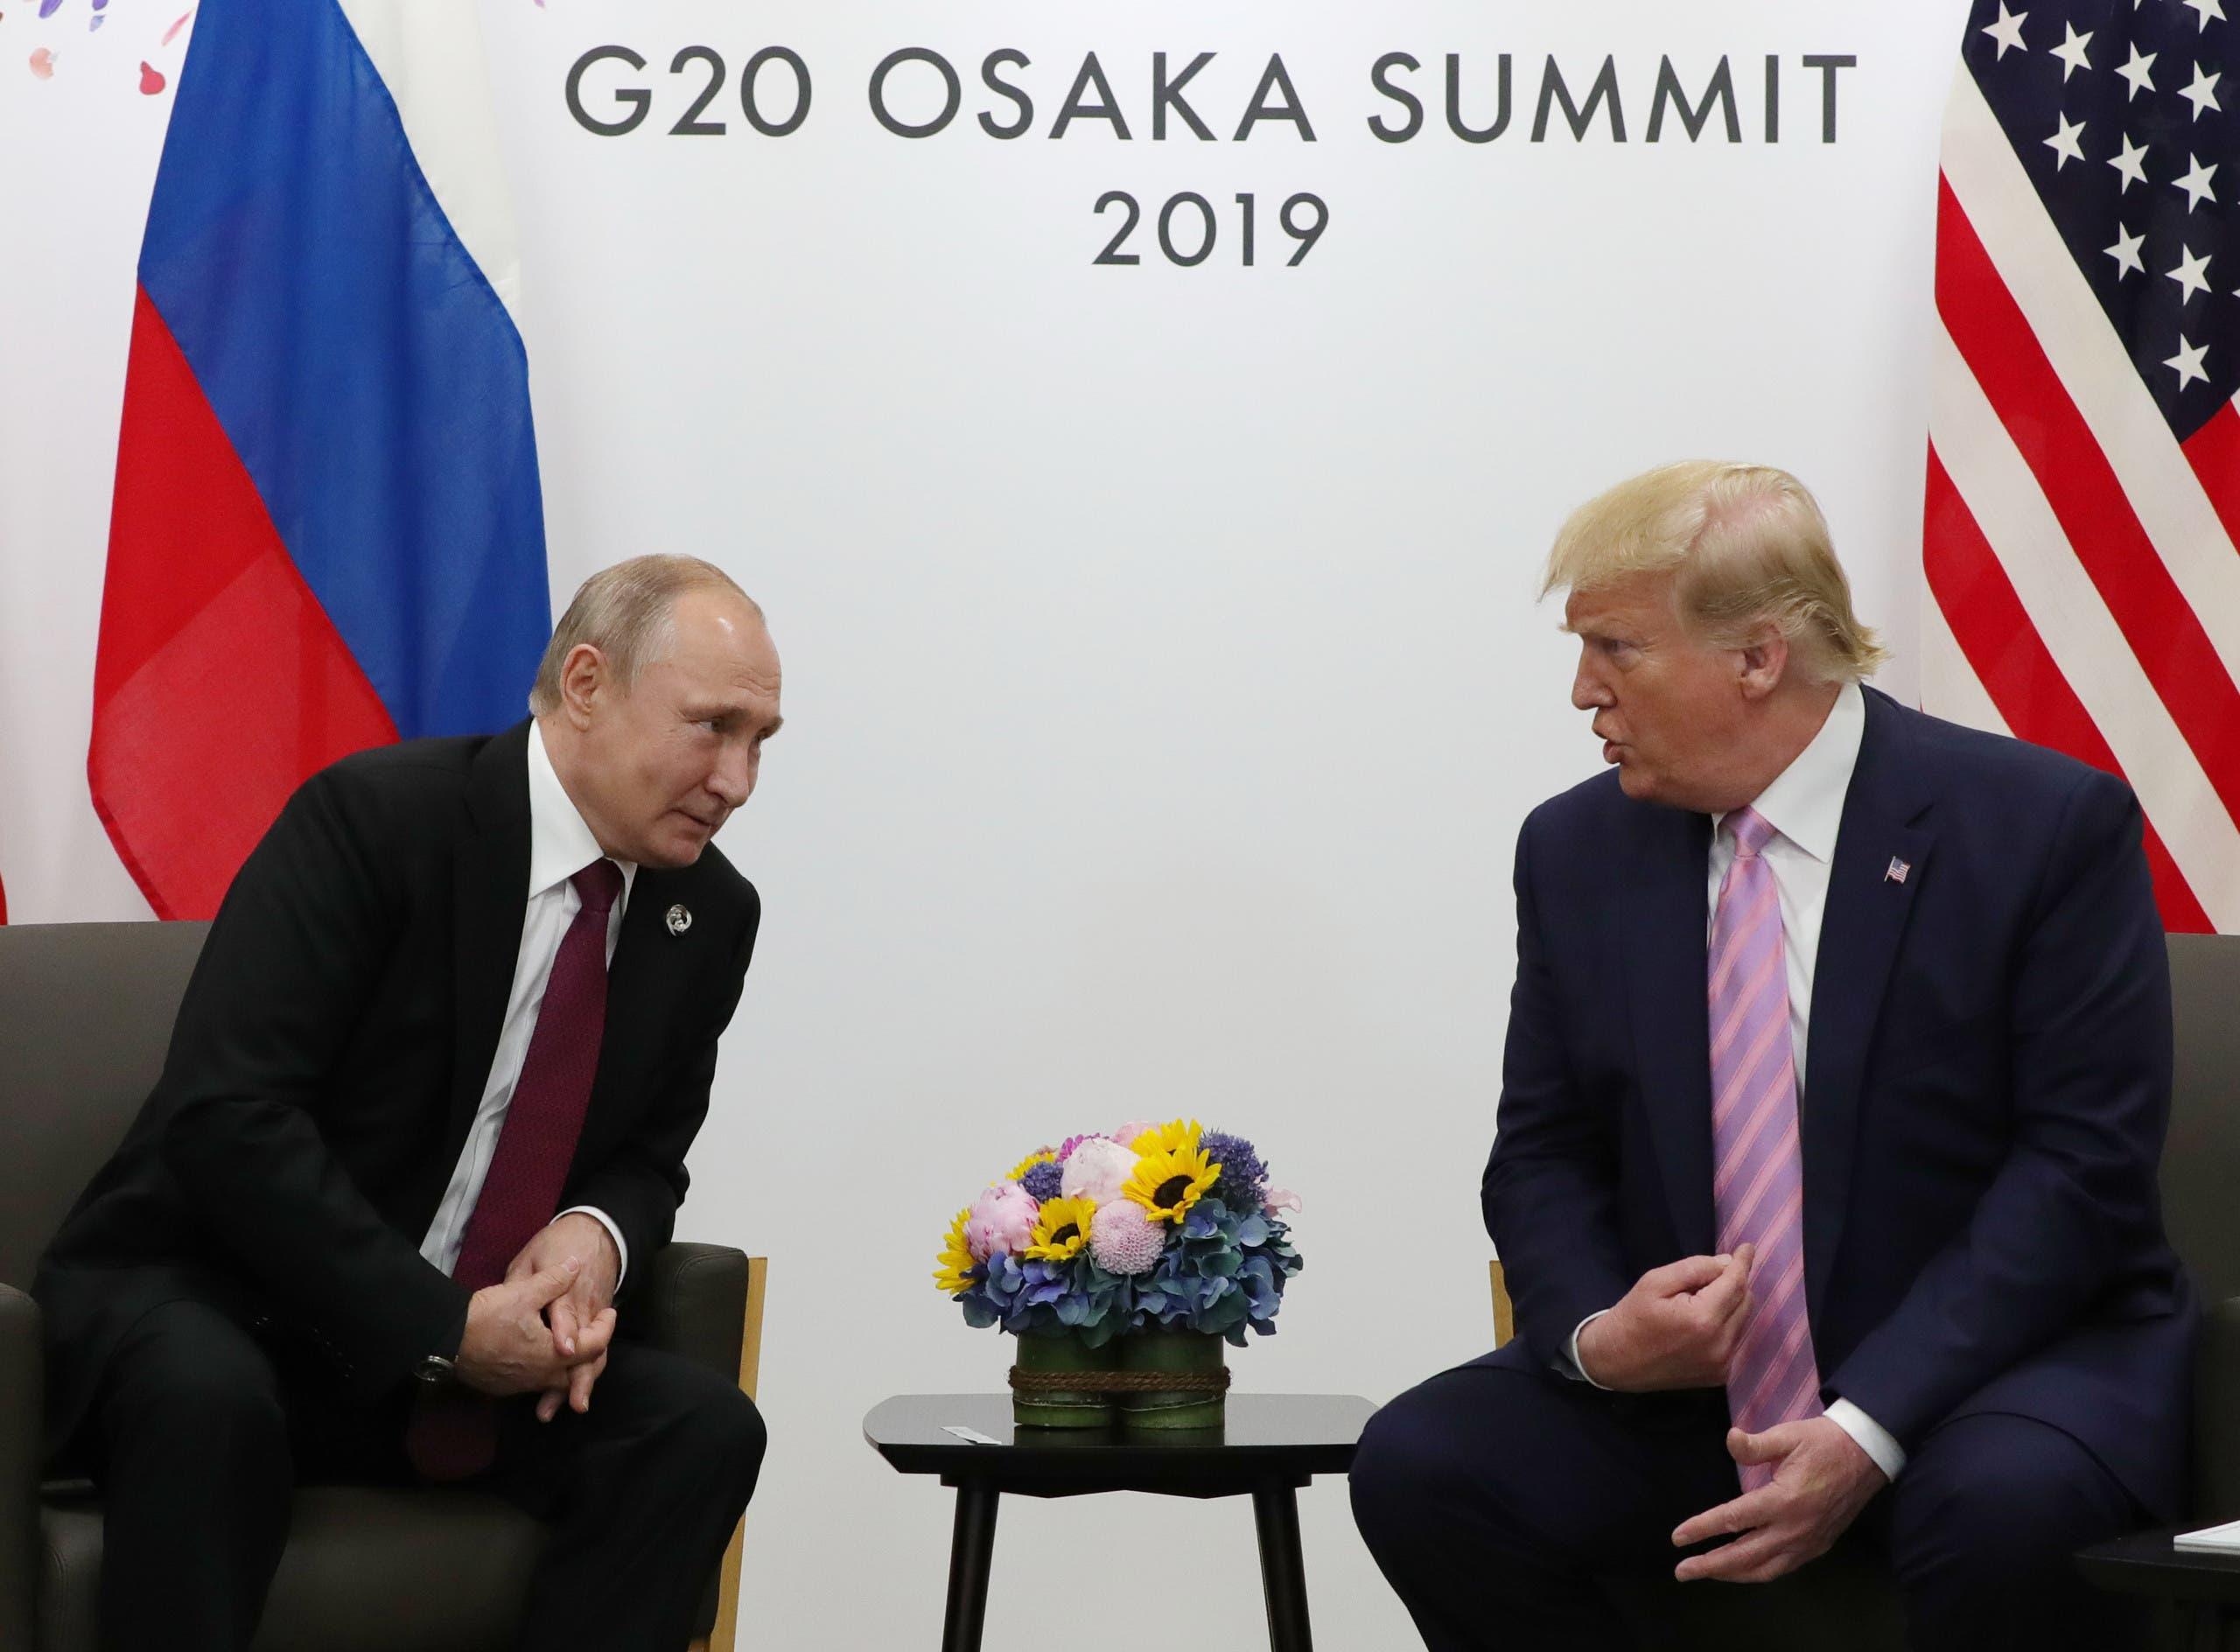 لقاء بين الرئيس الأميركي دونالد ترمب والرئيس الروسي فلاديمير بوتين في اوزاكا باليابان في يونيو 2019